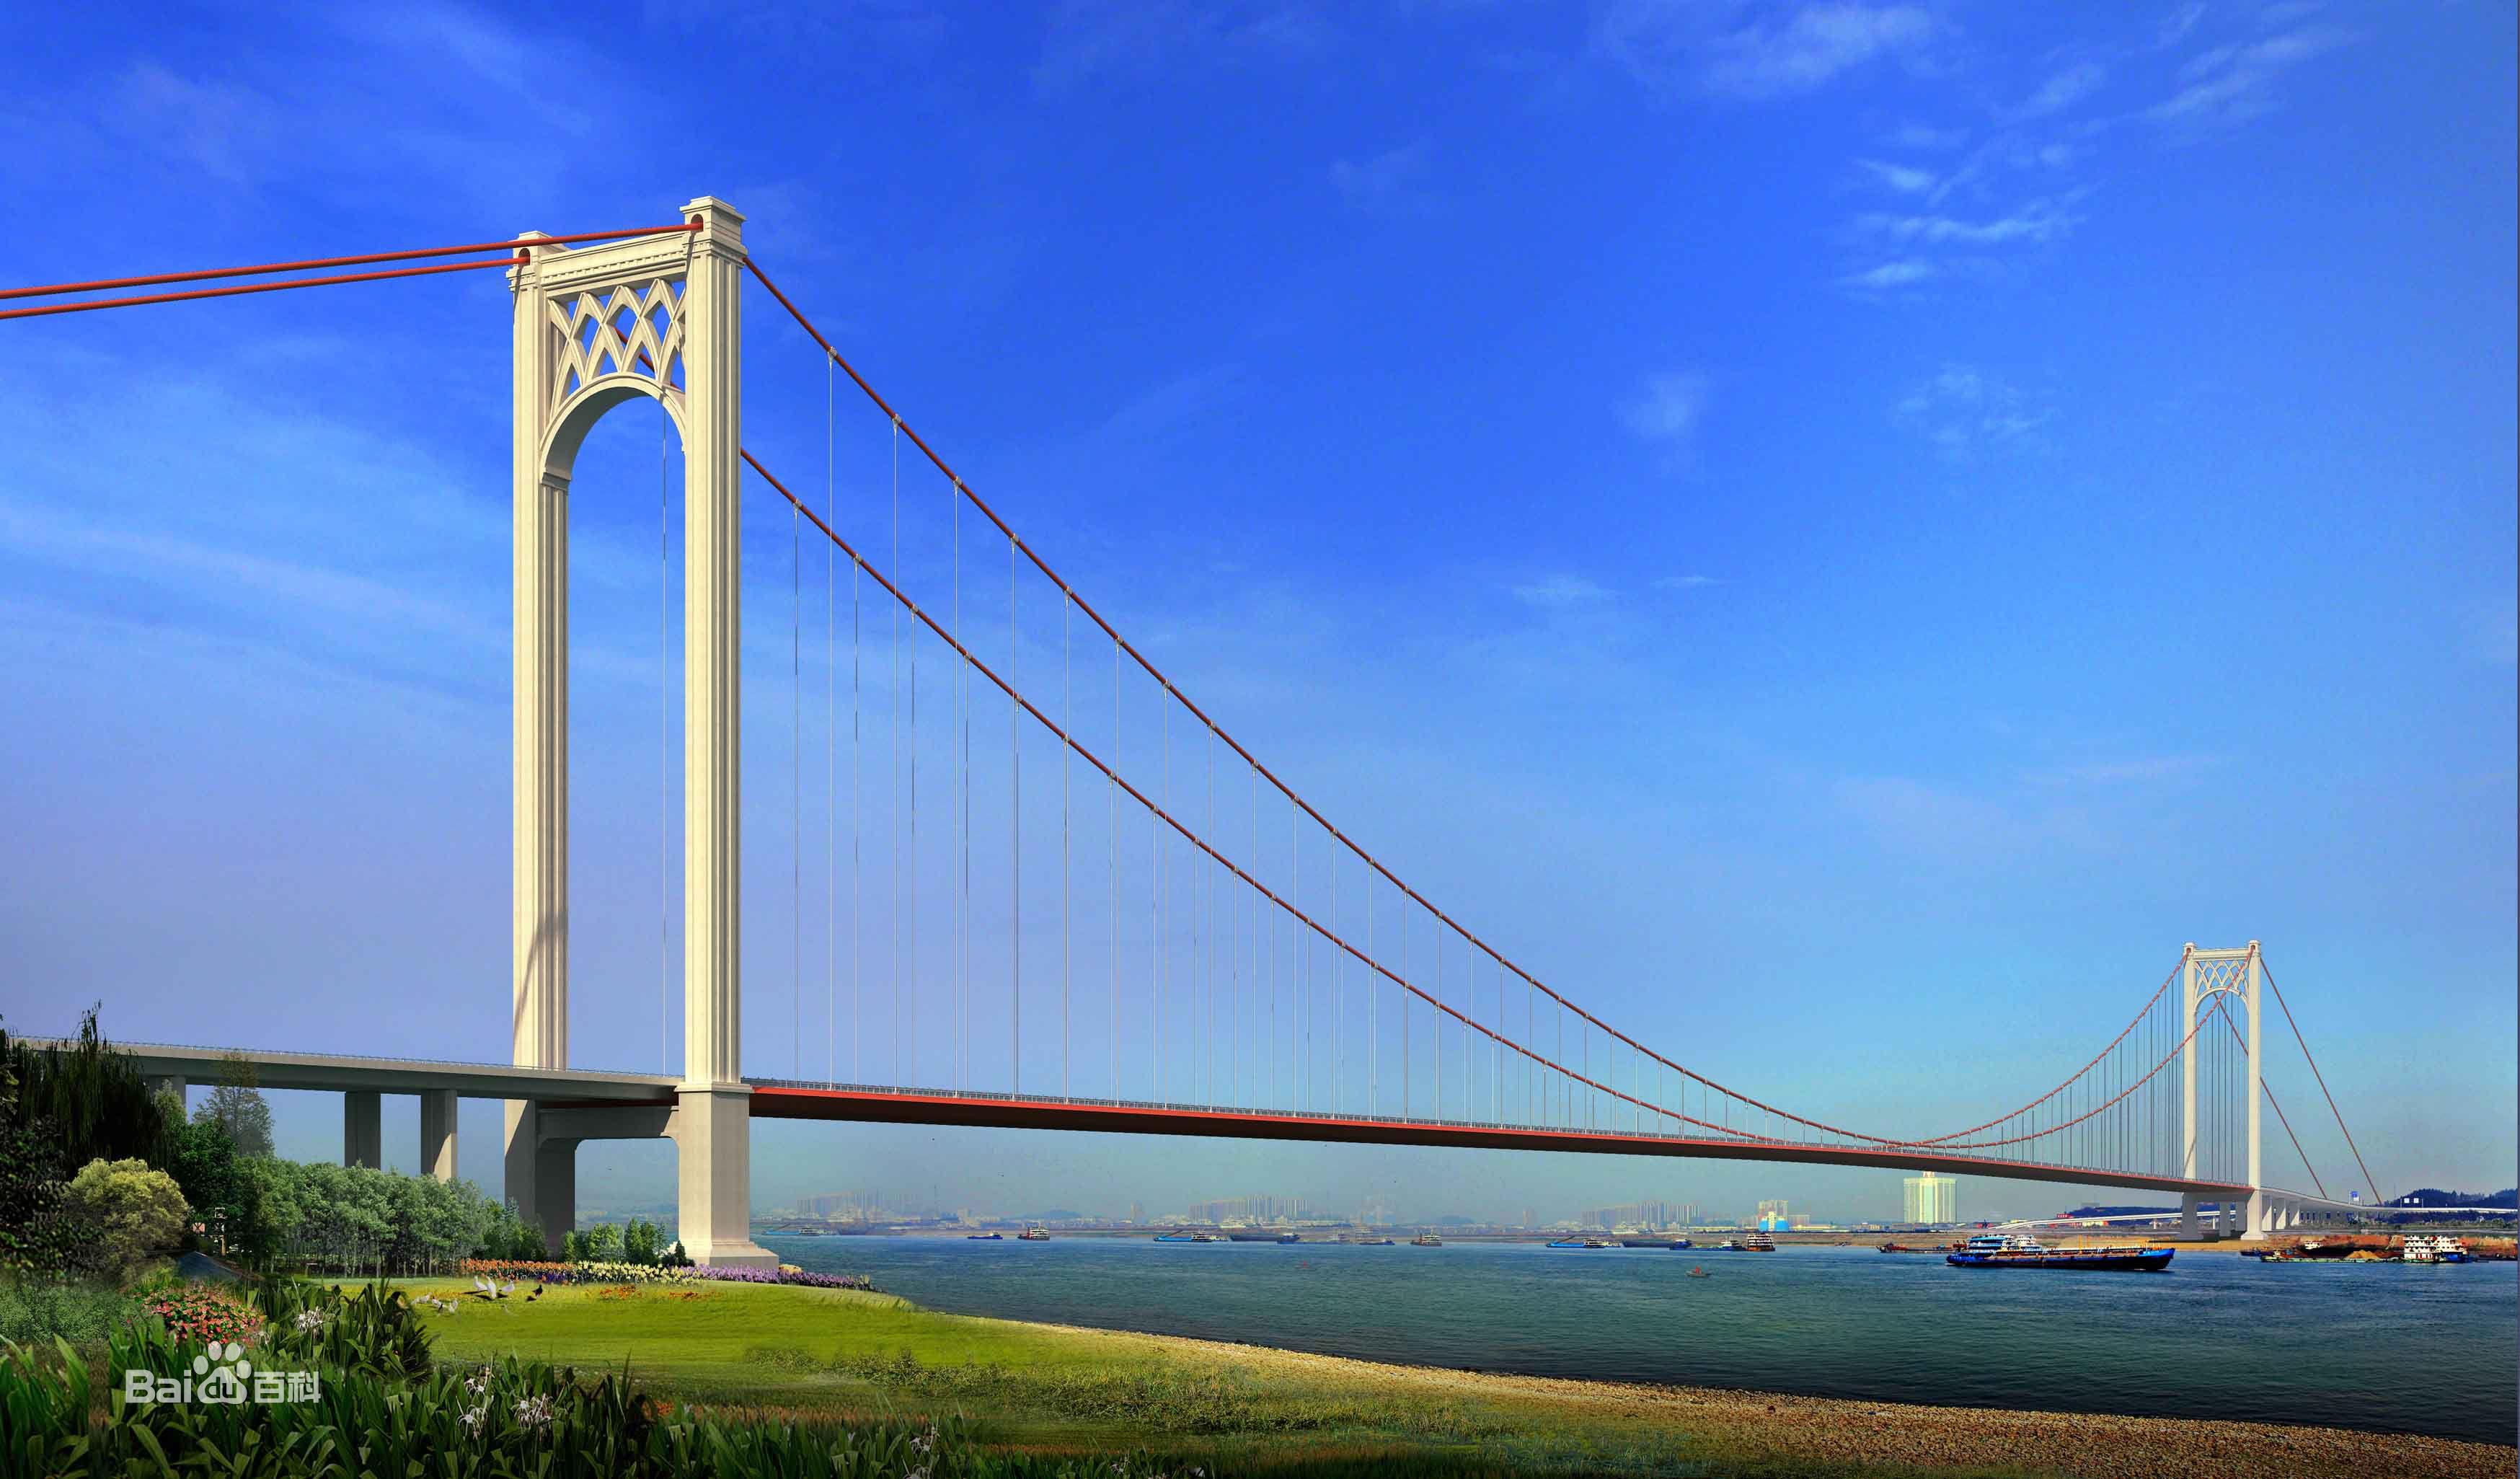 伍 家 岗 长 江 大 桥